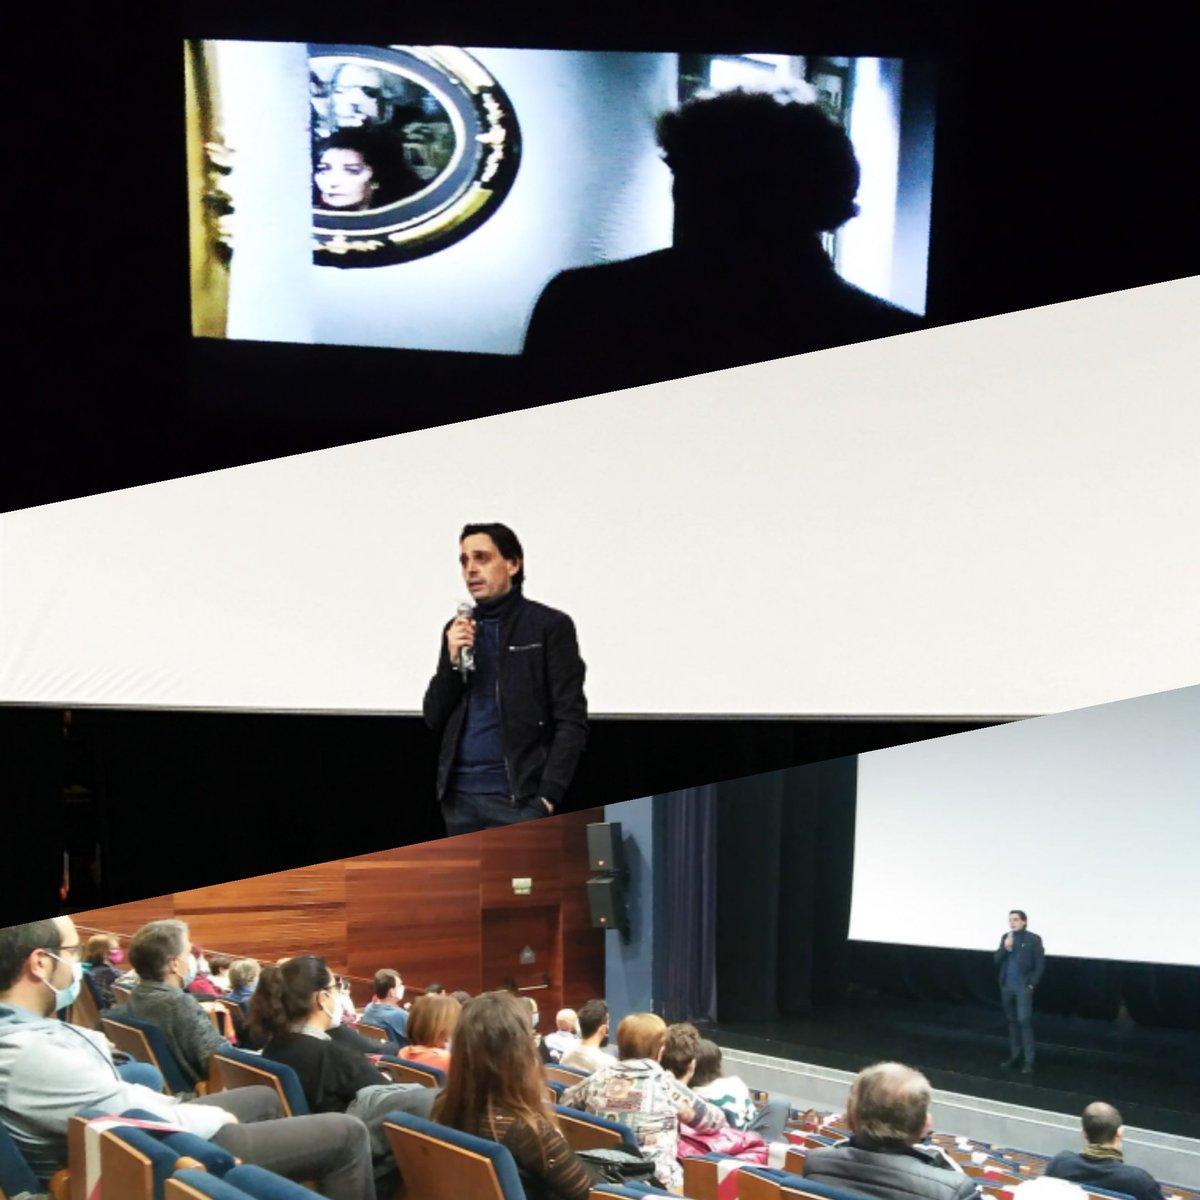 Emocionados de haber podido celebrar estas sesiones dedicadas a Argento y Bogdanovich. Ha sido un festival diferente, reducido en eventos y salas, pero grande en cine, con seguridad y con una estupenda acogida por parte del público. ¡Gracias! #CulturaSegura #Cine #Pamplona https://t.co/aLdQDfymTq